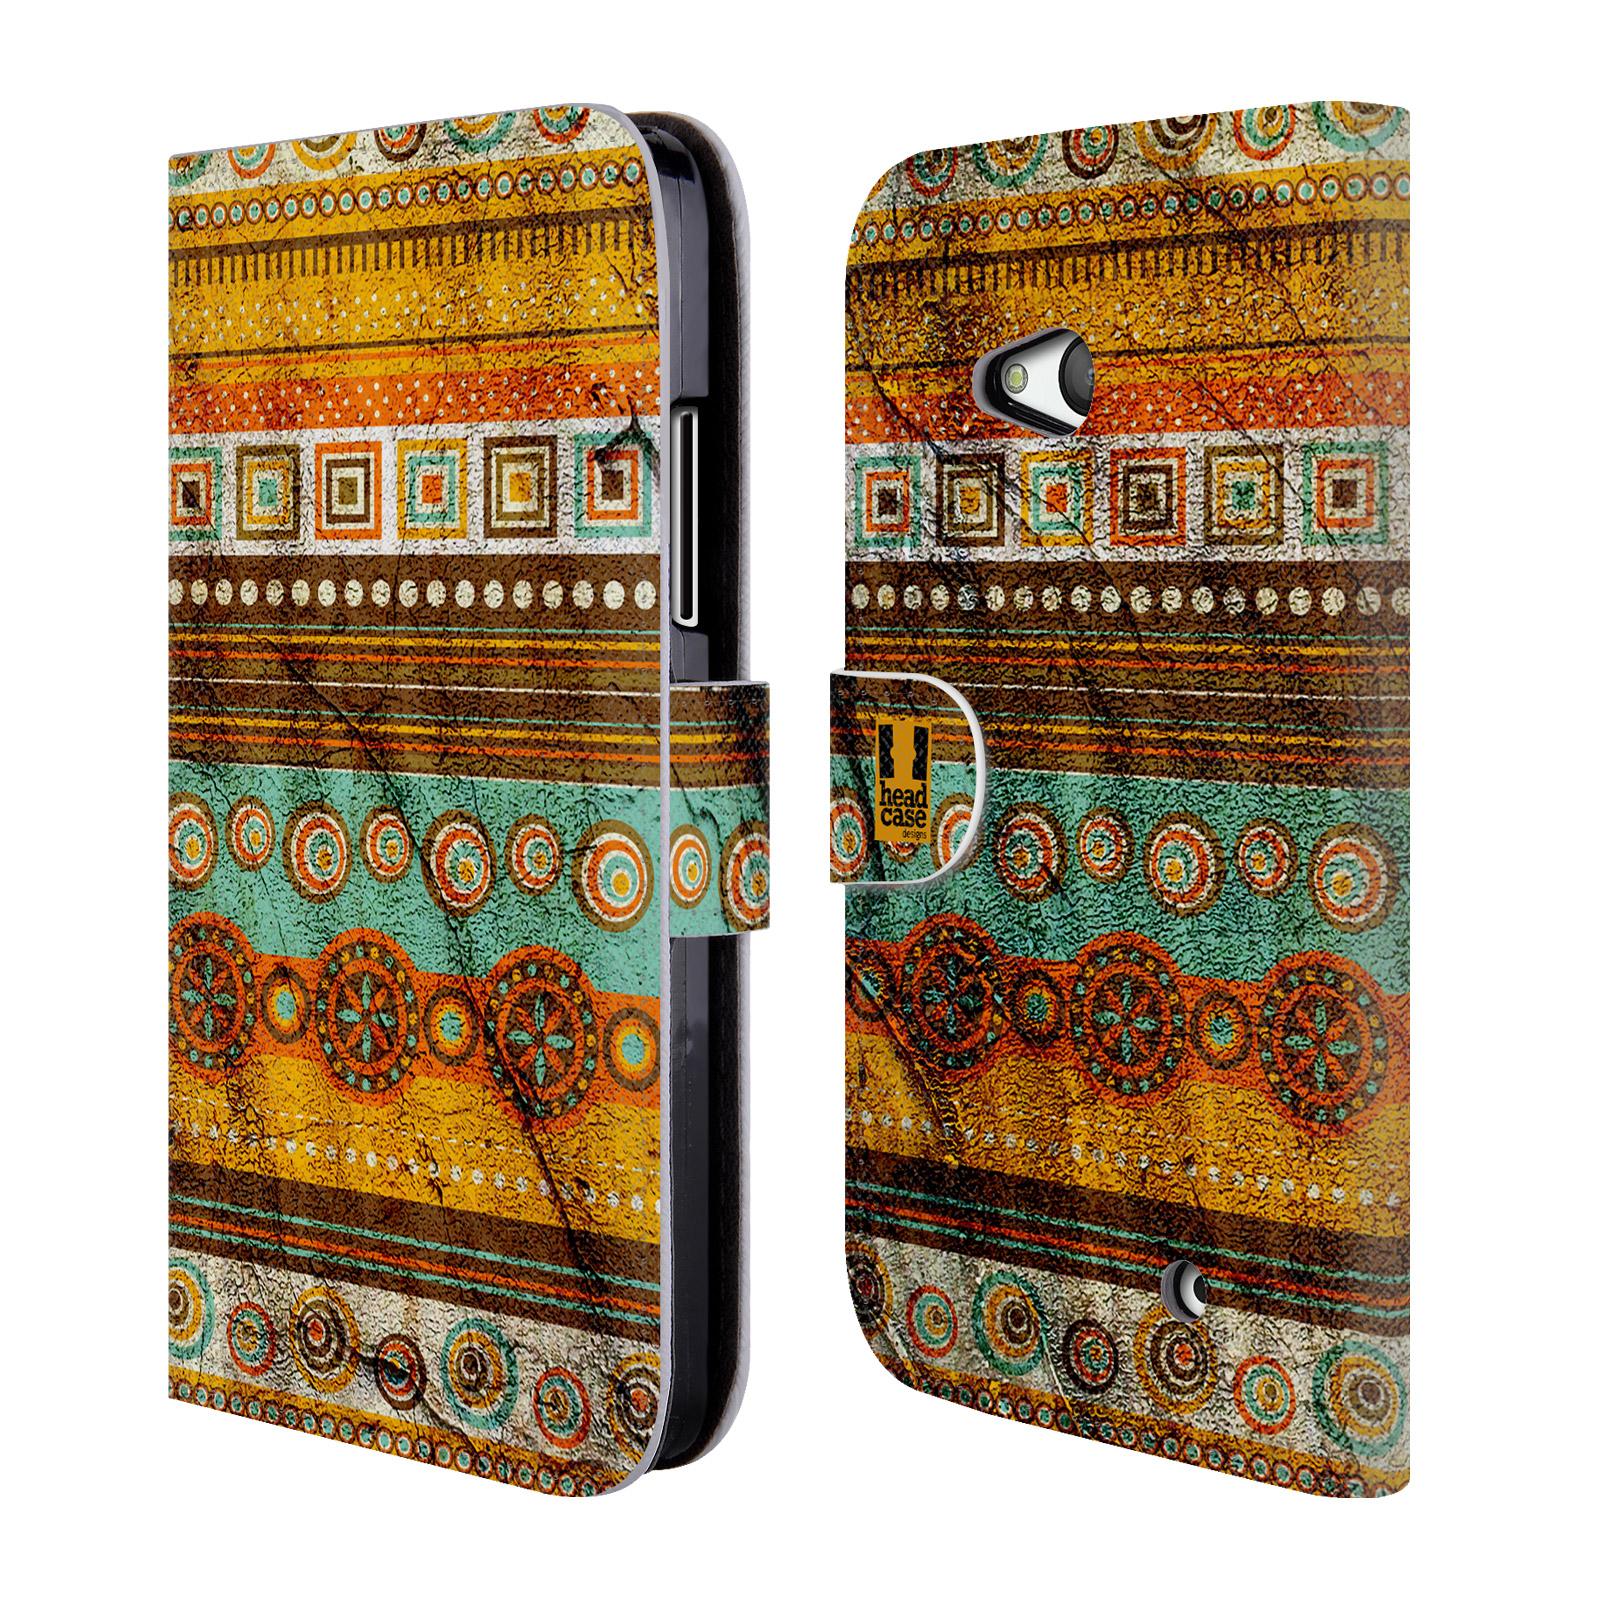 HEAD CASE Flipové pouzdro pro mobil NOKIA / MICROSOFT LUMIA 640 / LUMIA 640 DUAL retro textura indie zub času